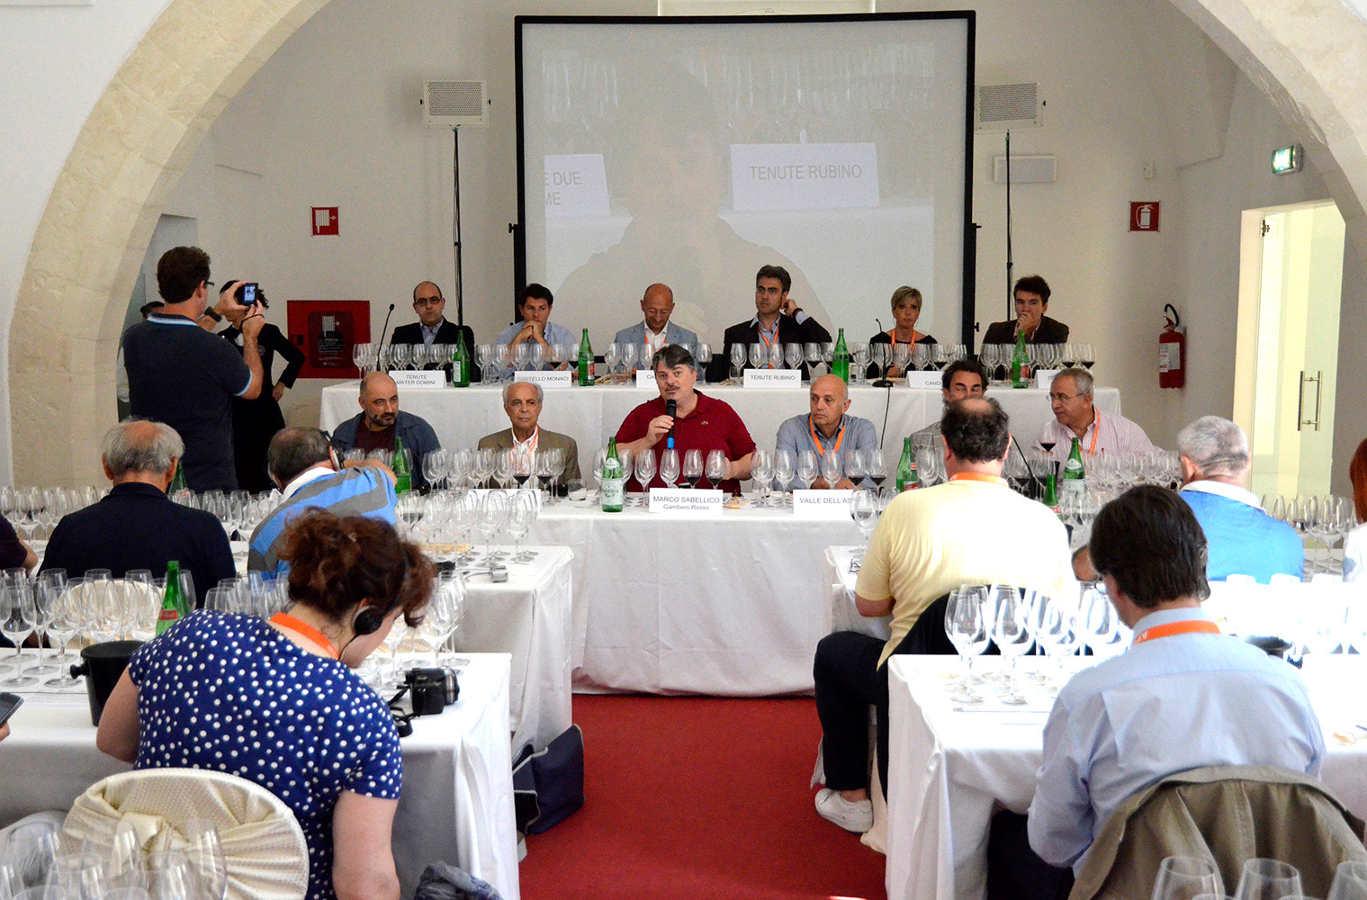 Apulia Wine Identity 2014. La Puglia del vino si apre al Mondo